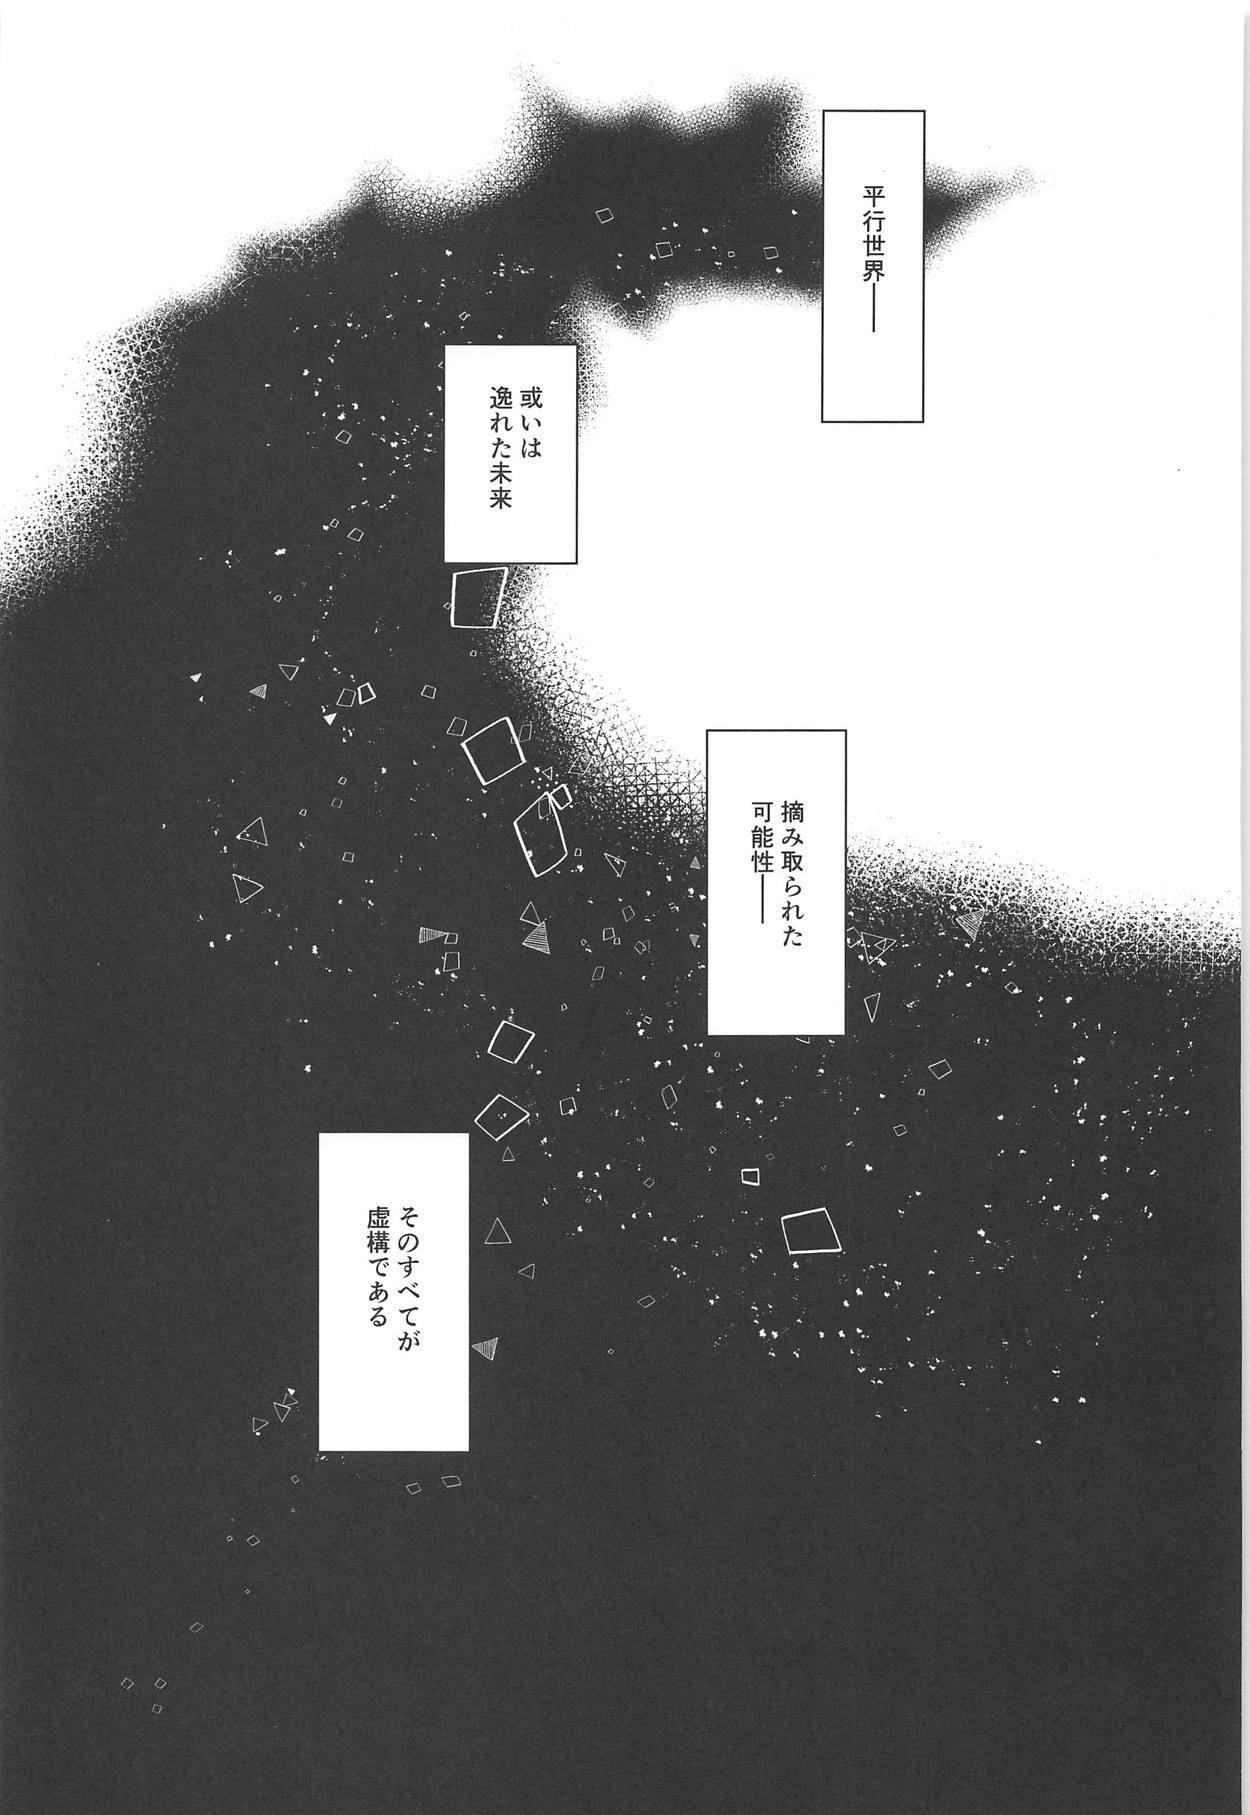 Seijo no Neyagoto 23